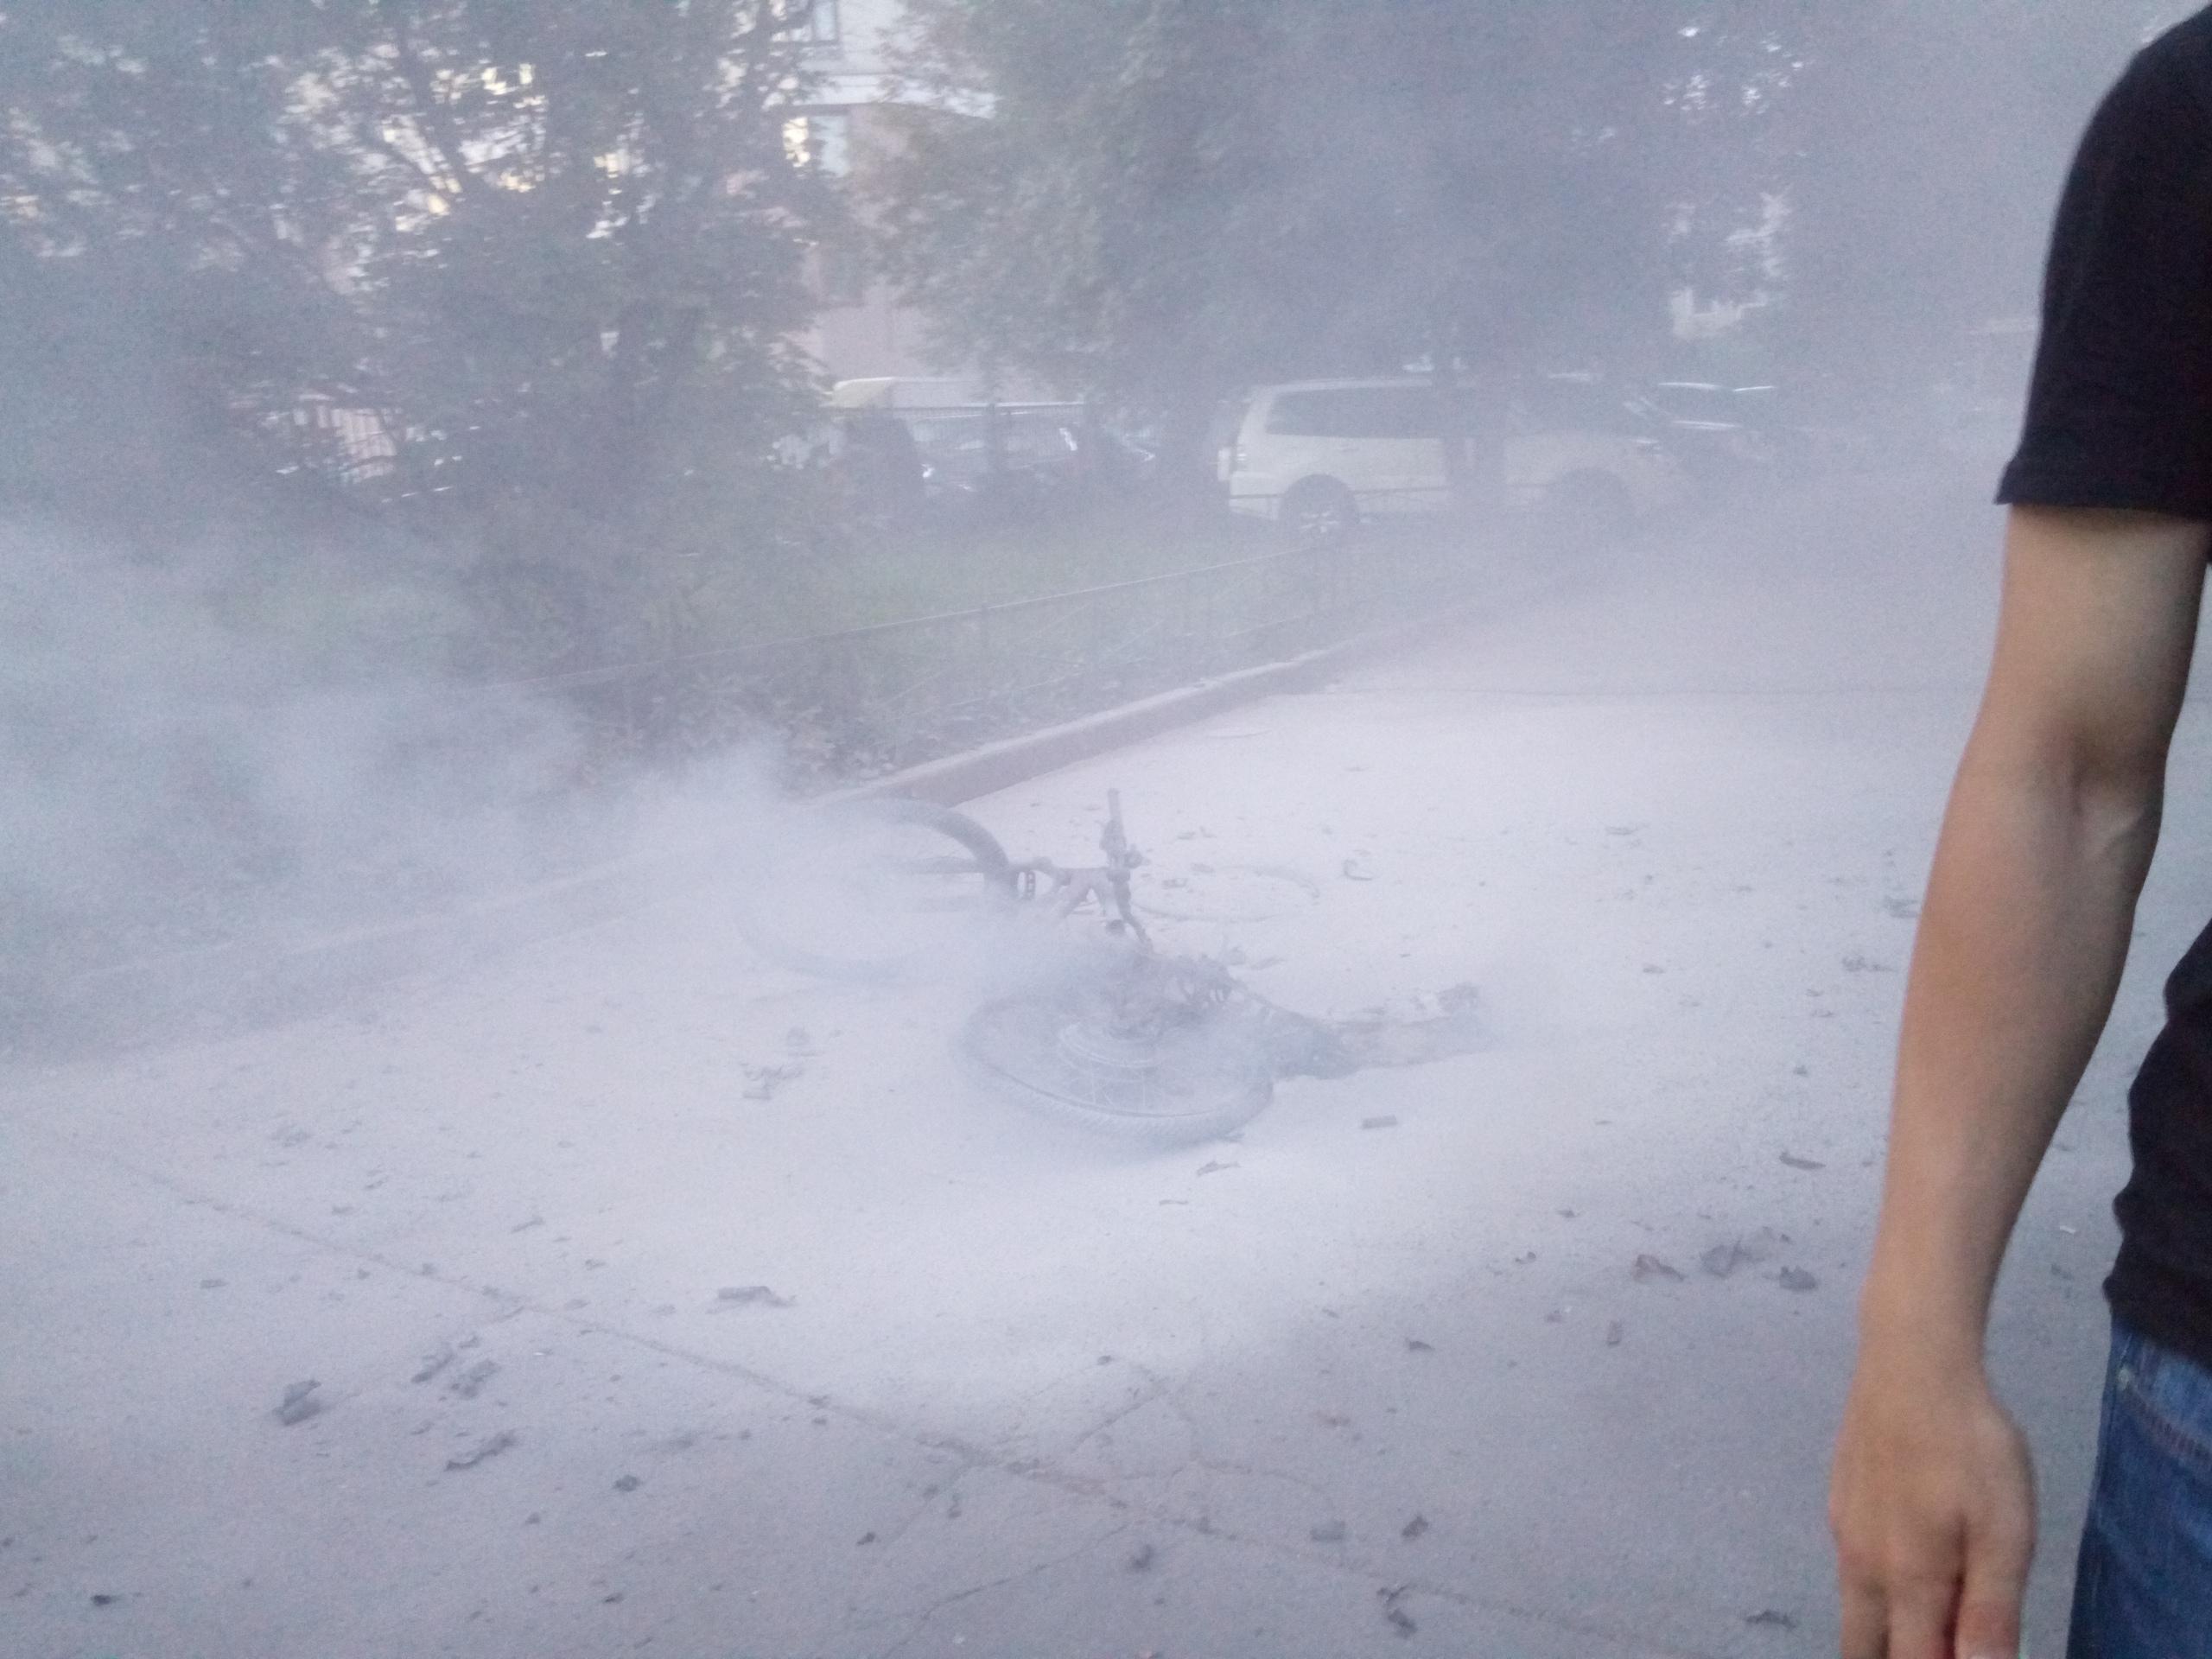 Сгорел э-вел в СПБ